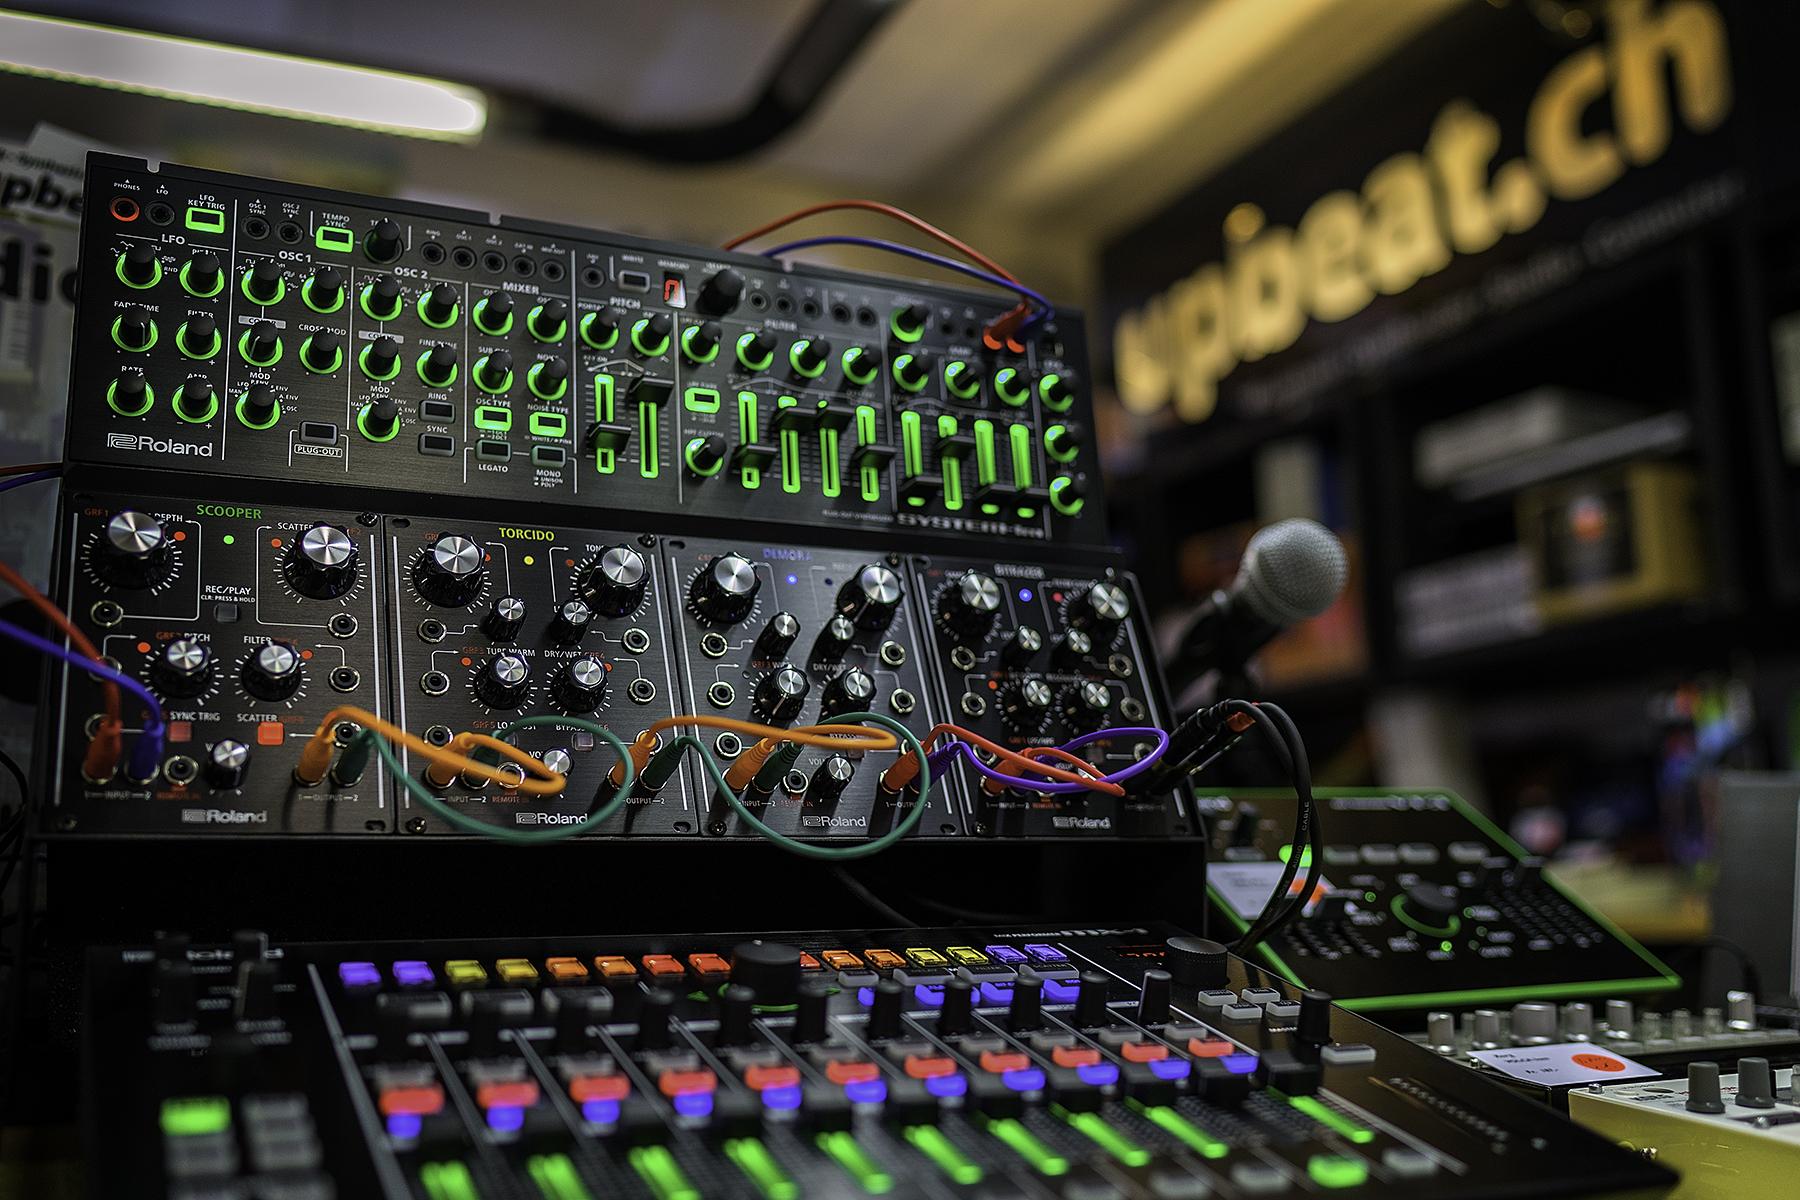 Roland Aira Mx 1 Mix Performer